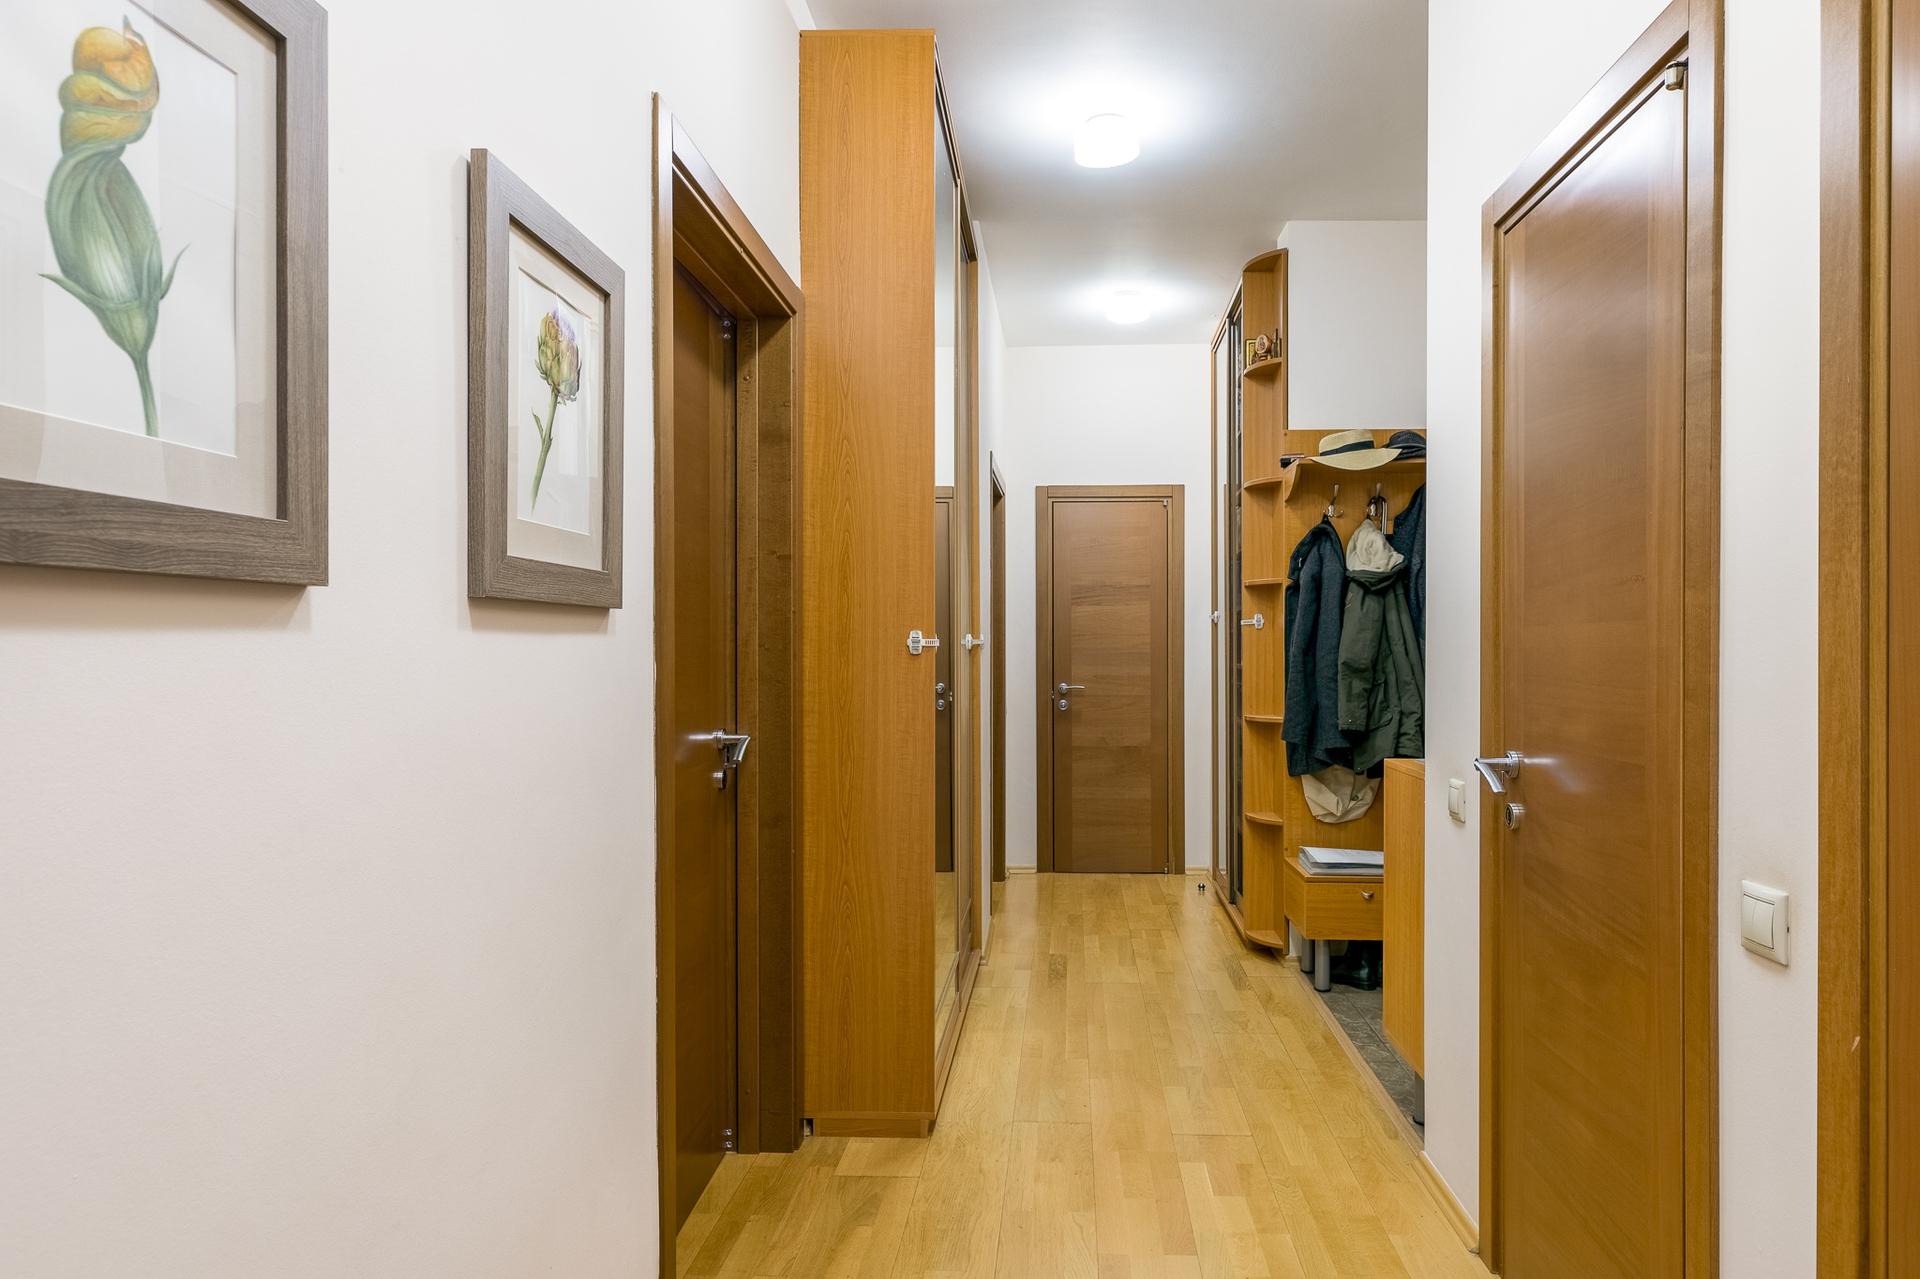 тихая квартира для жизни 18